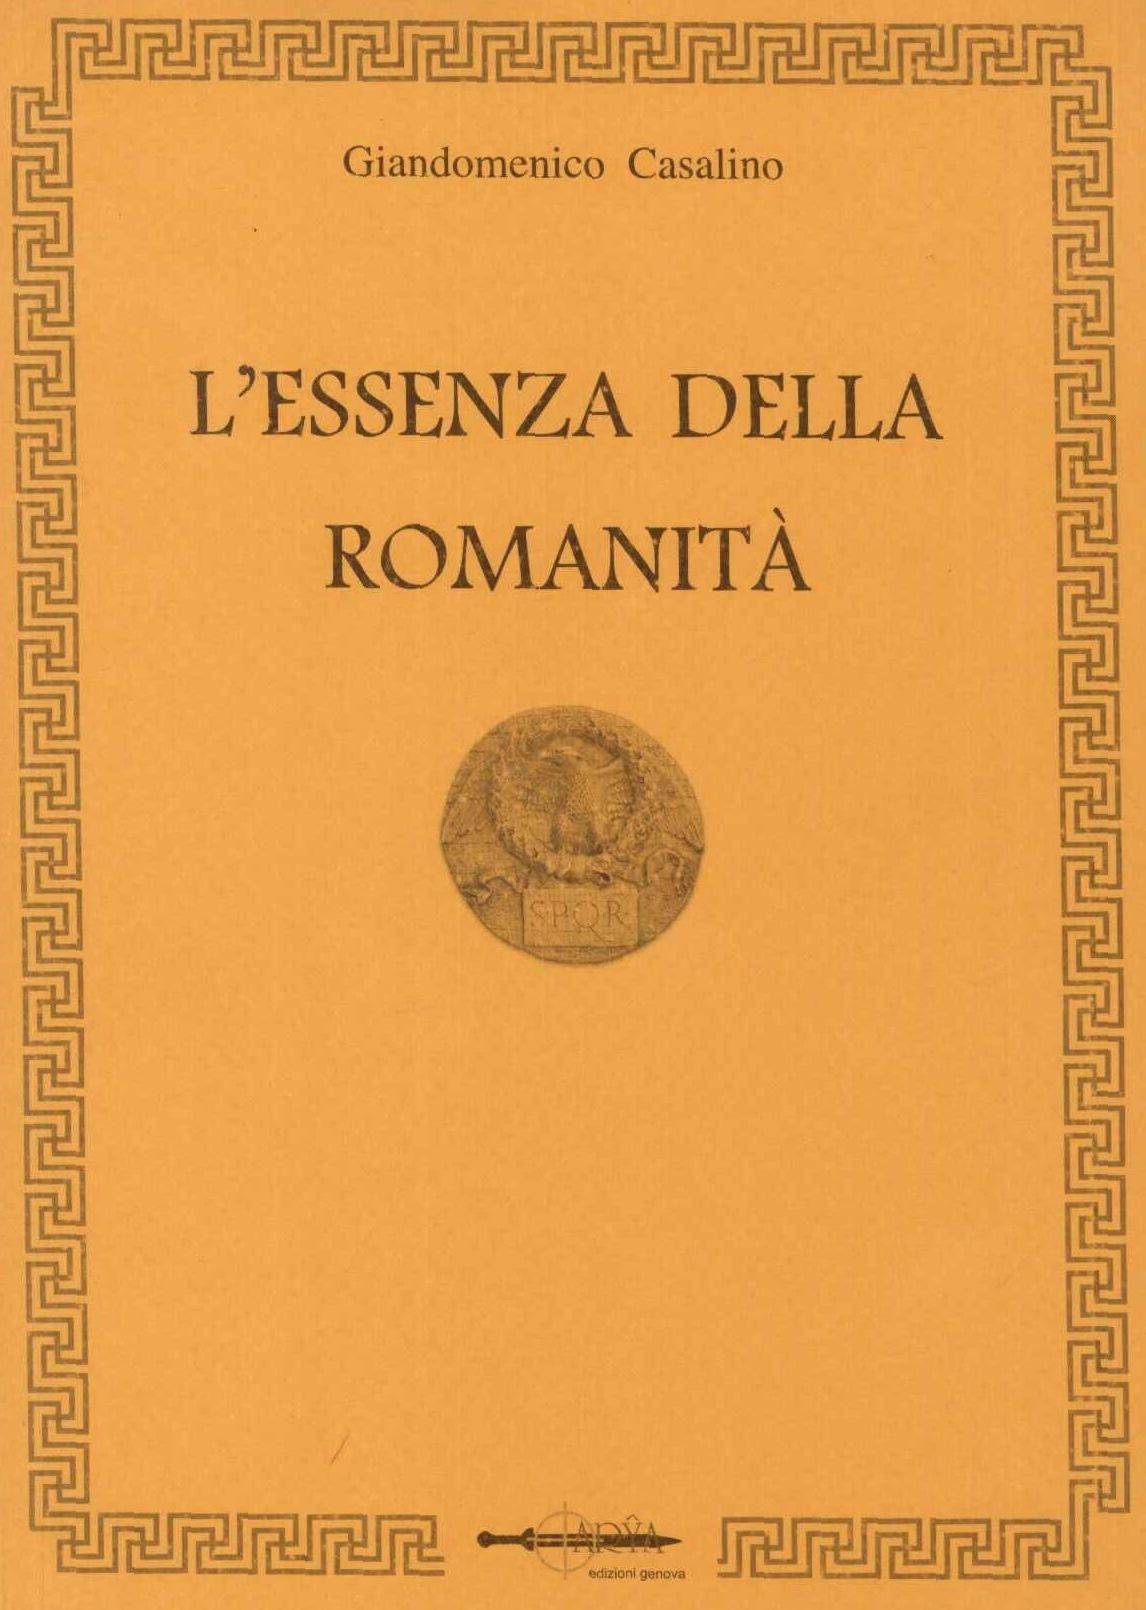 L'Essenza della Romanità